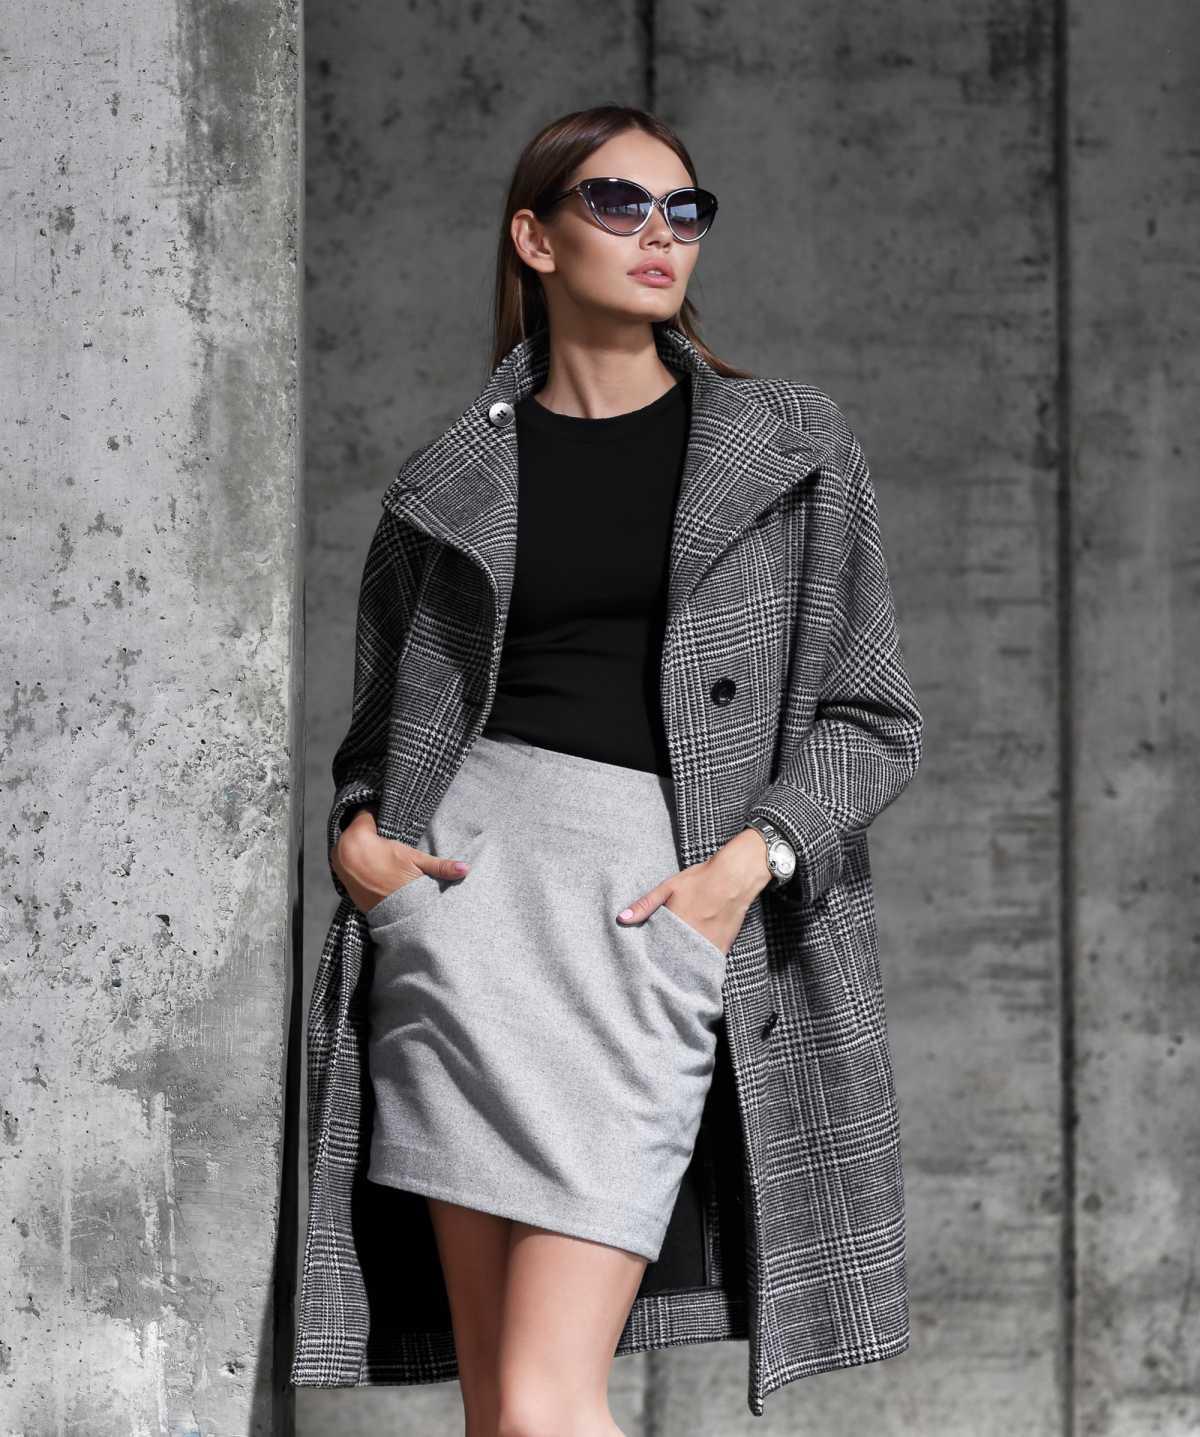 look de inverno com saia e sobretudo